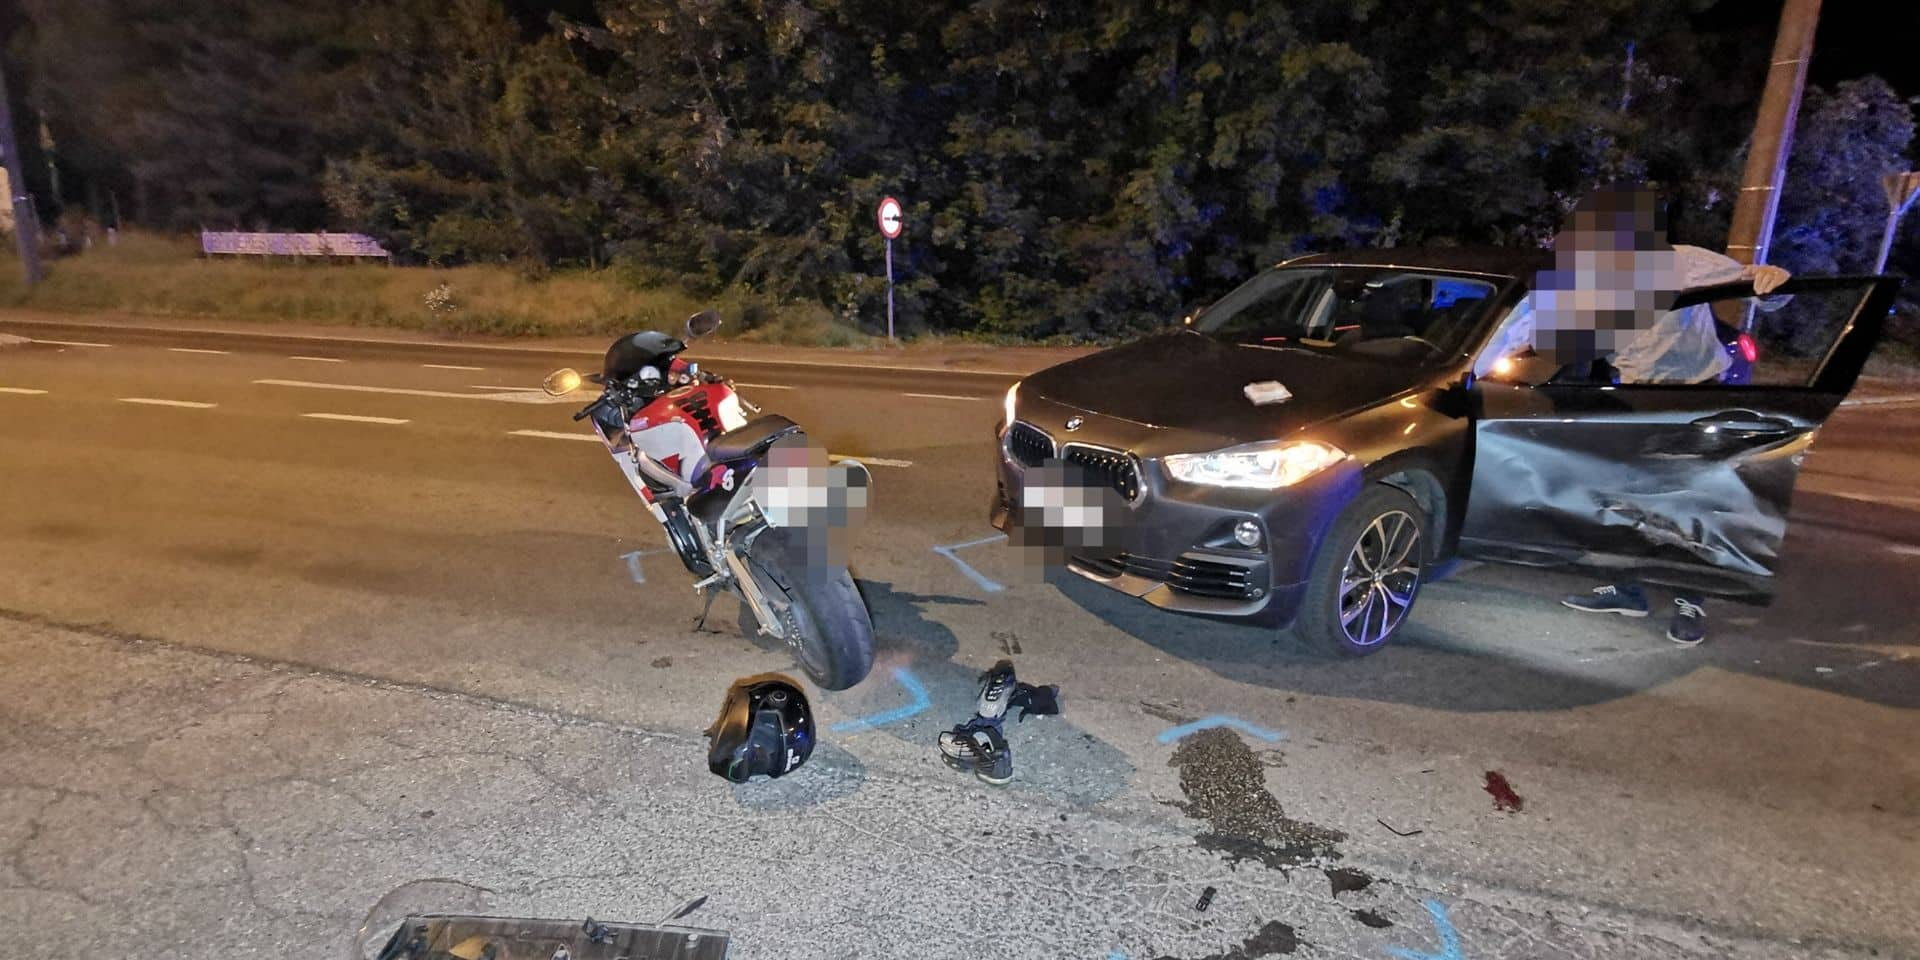 Montigny-le-Tilleul: un motard et une voiture entrent en collision, deux personnes à l'hôpital